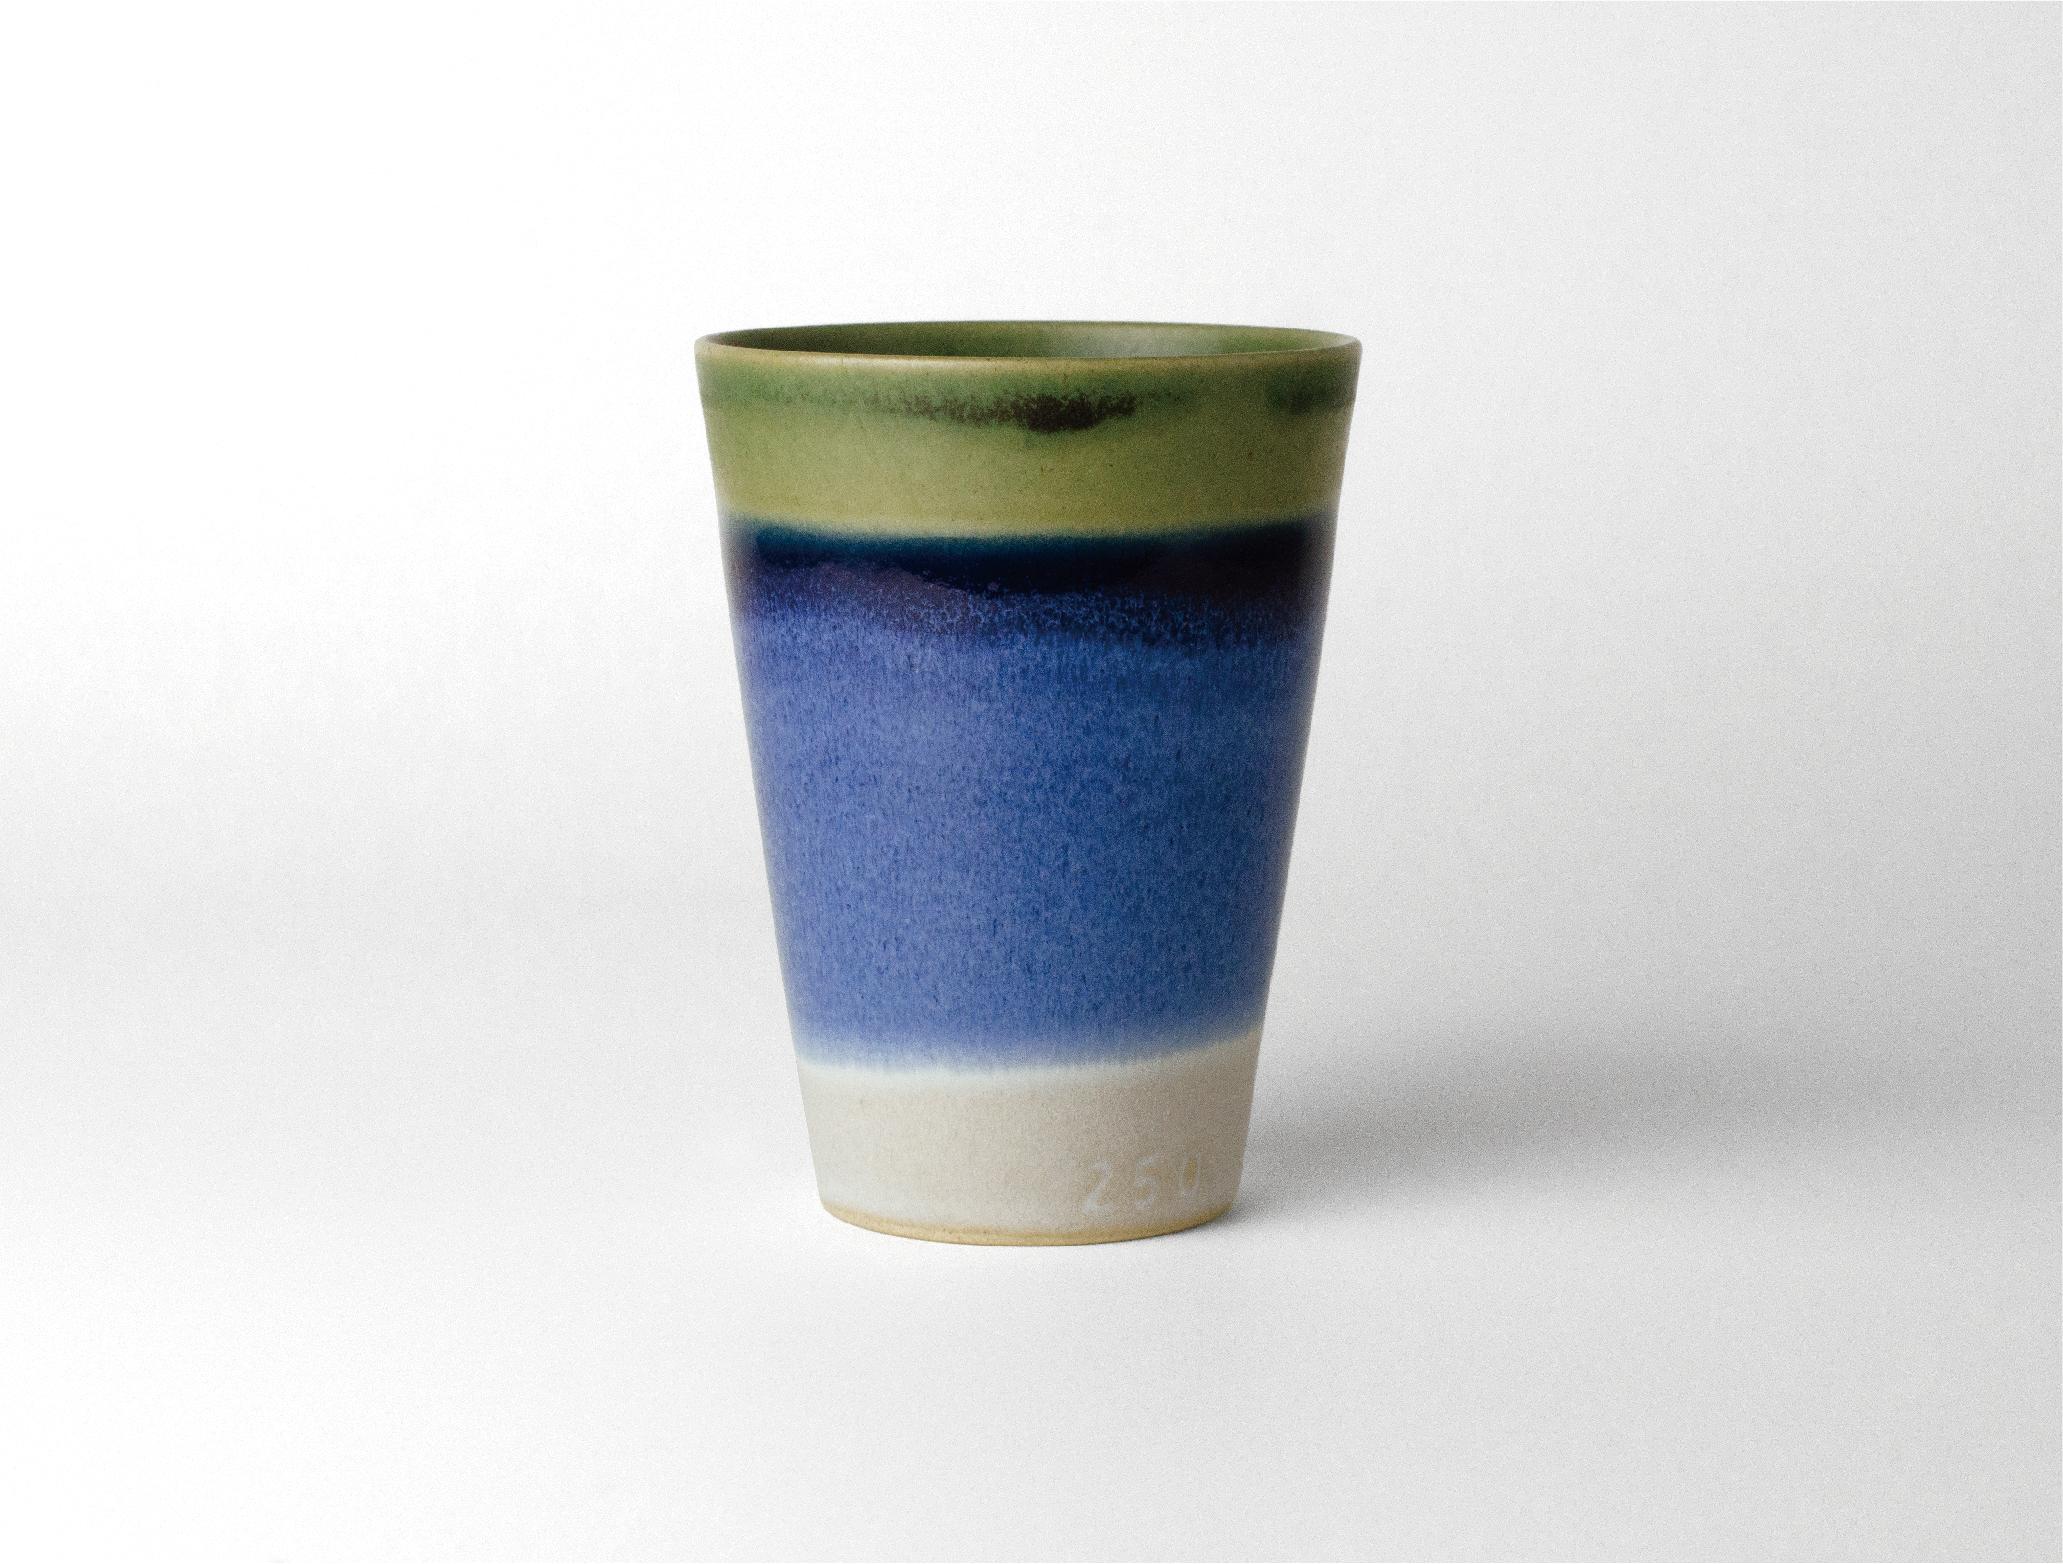 Fujisan_natu 250mlカップ イメージ